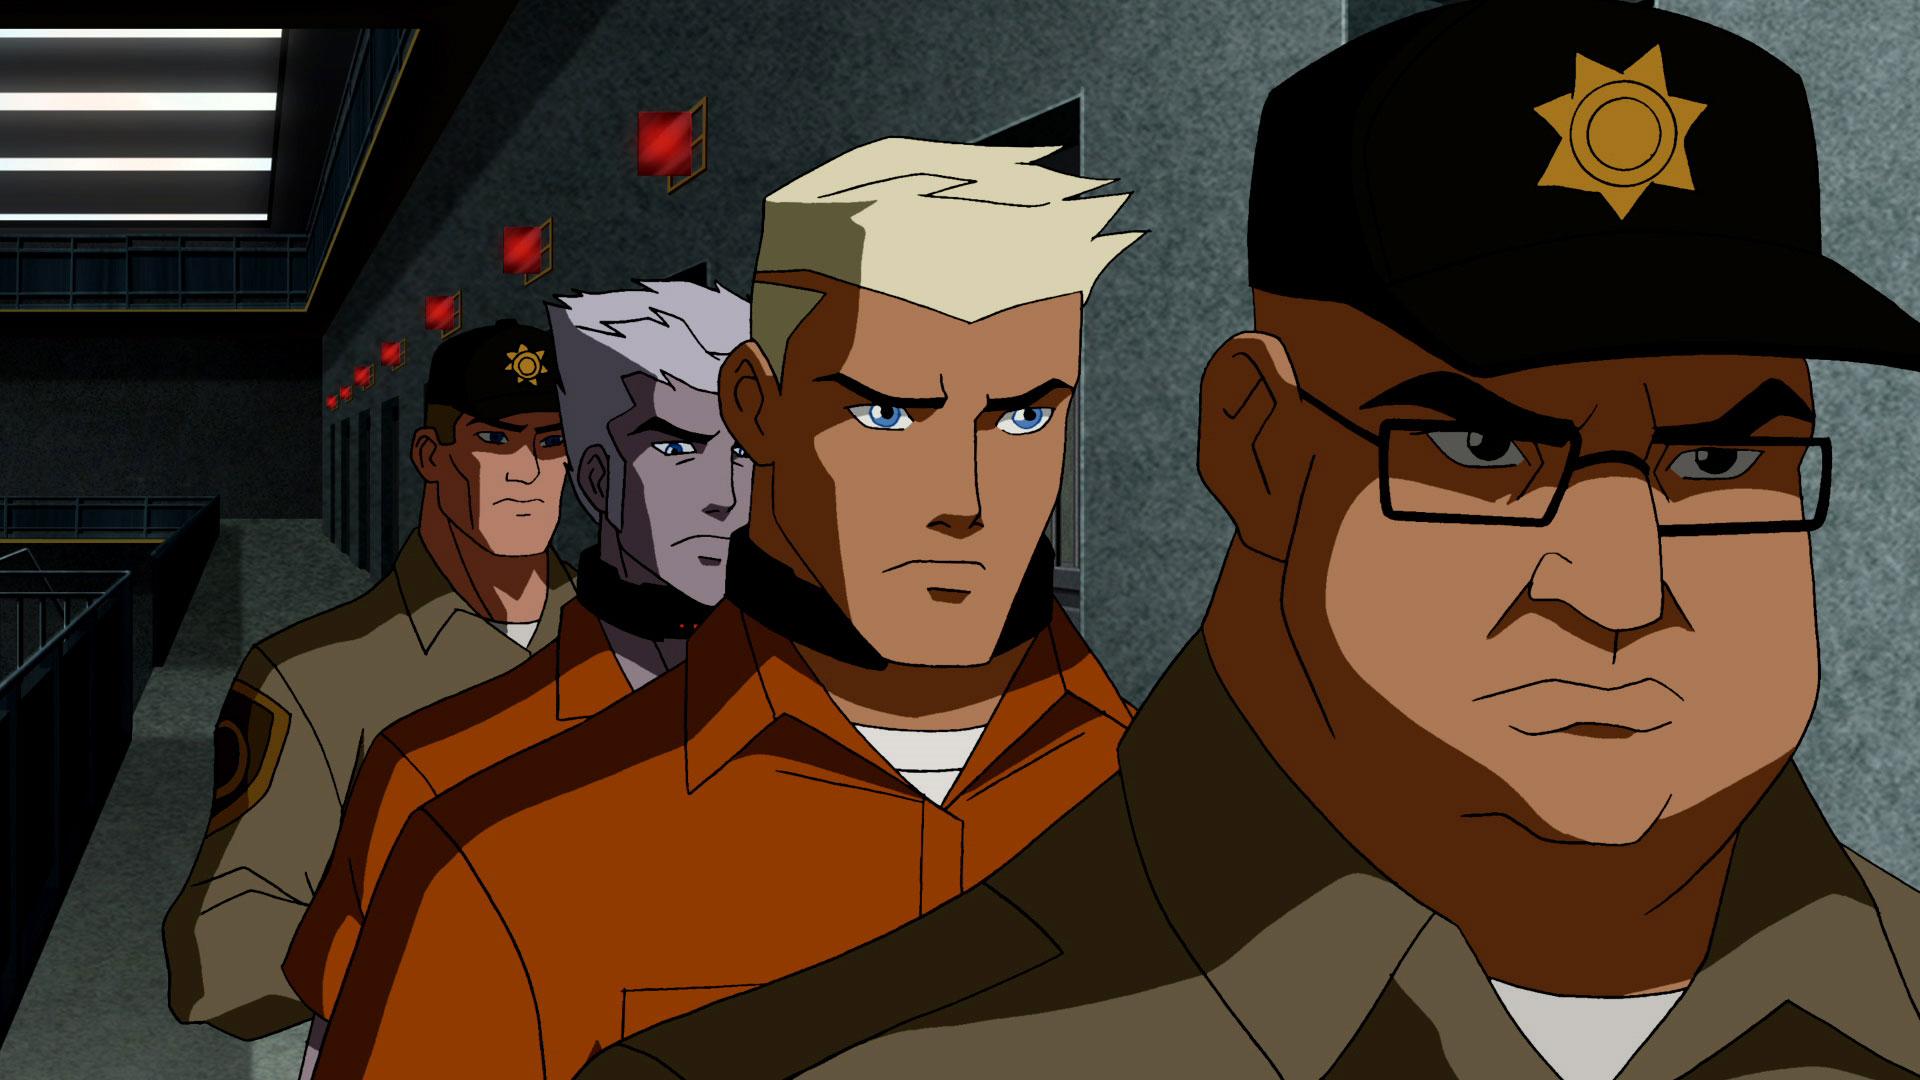 Belle Reve's Guards